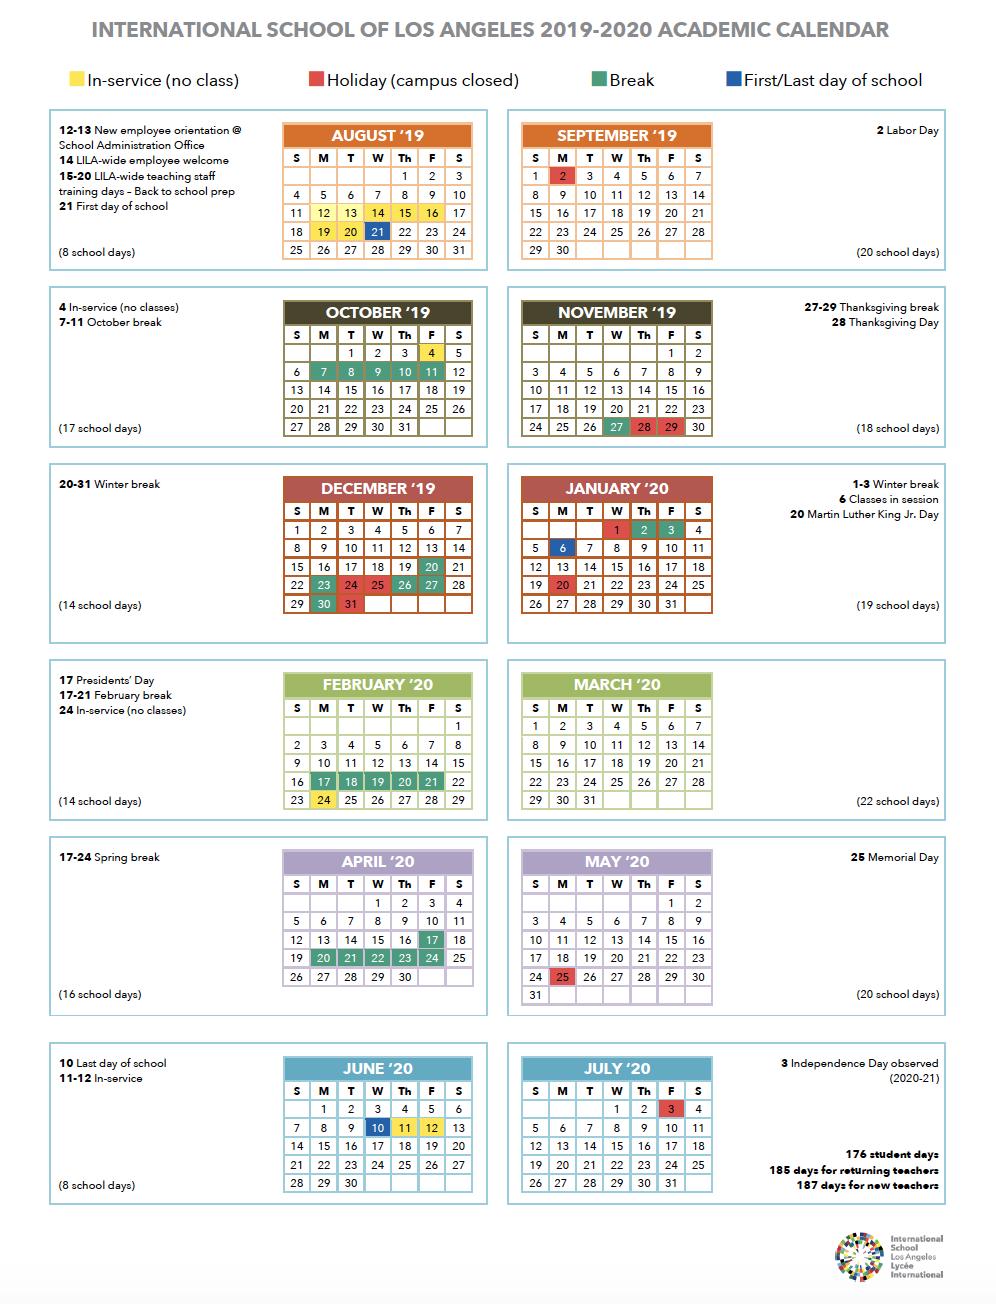 Calendar | International School Of Los Angeles Regarding Golden West College Winter Break Schedule 2021